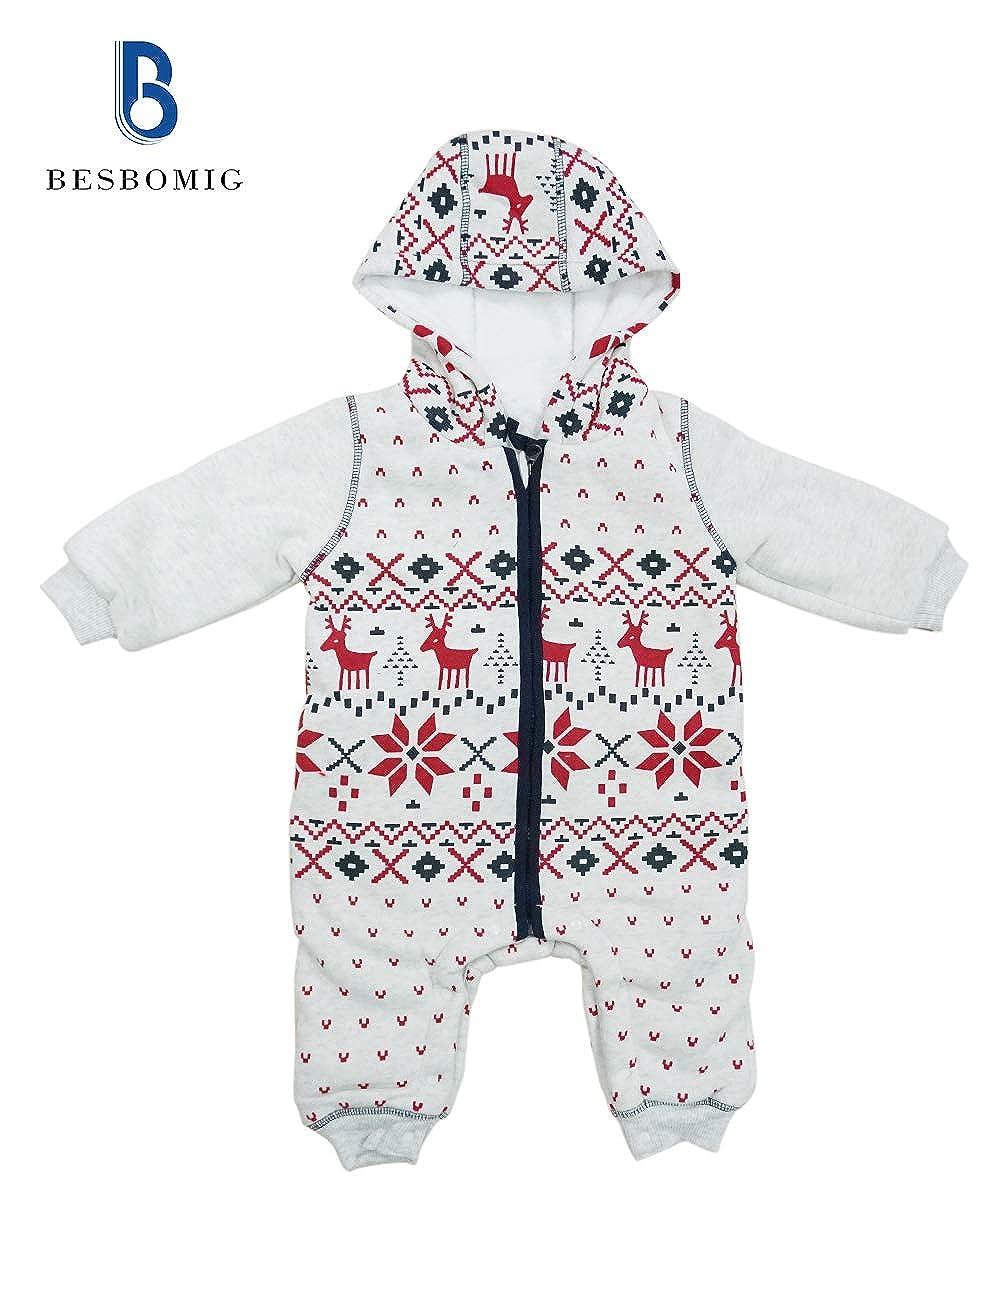 Stampato Cappotto Inverno Cappuccio Jumpsuit Abbigliamento Quotidiano BESBOMIG Neonato Bambini Pagliaccetto Bambino Outfits per i pi/ù Piccoli Unisex Body